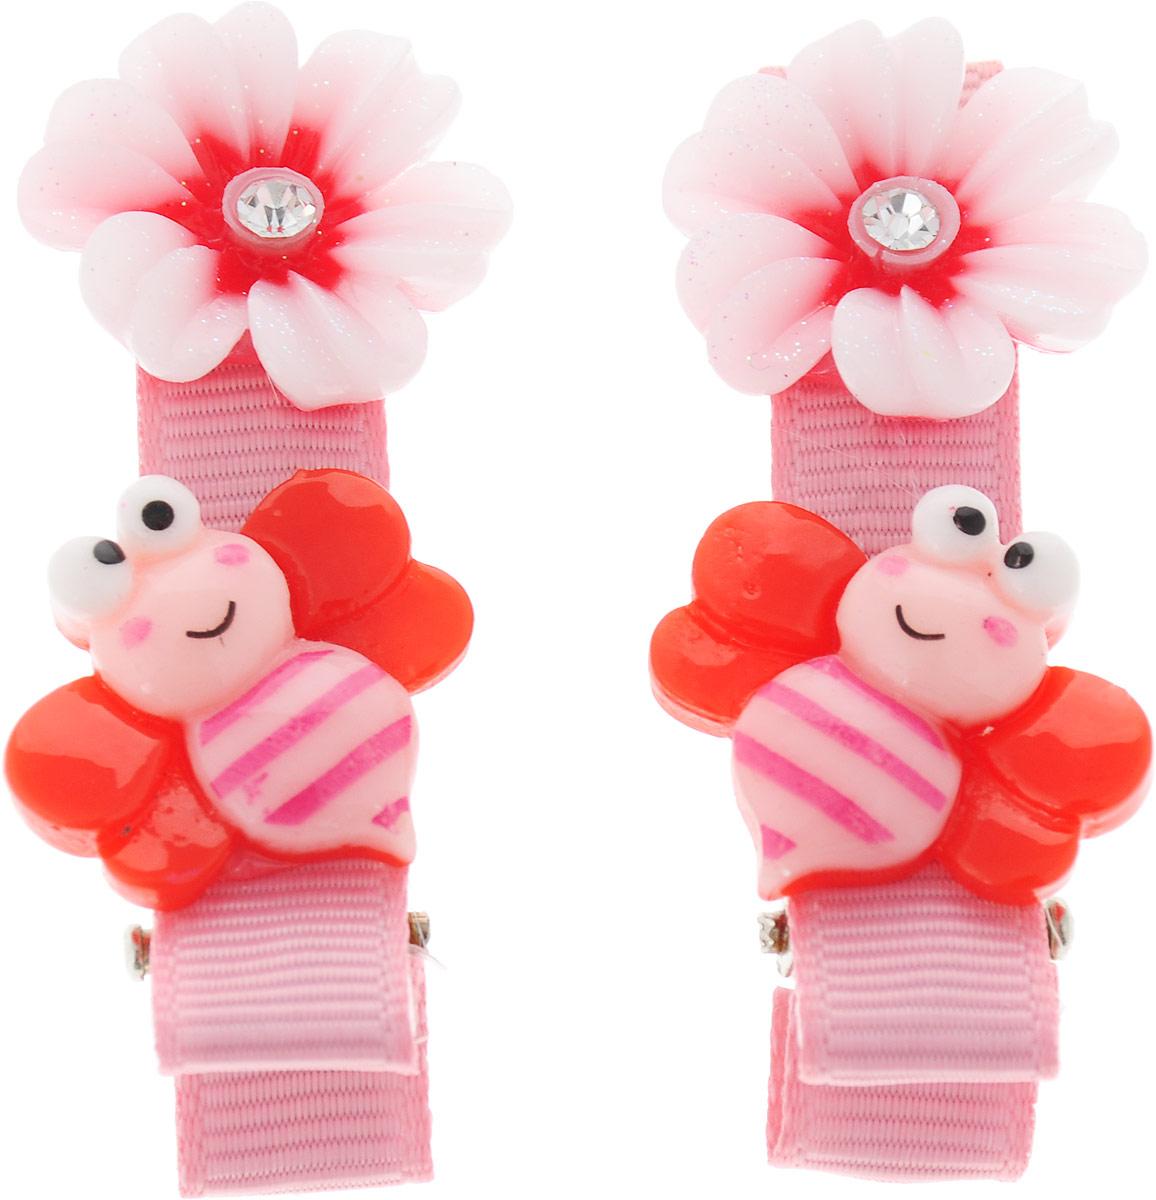 Baby's Joy Зажим для волос Пчелка 2 шт AL 966_светло-розовый, красный baby s joy резинка для волос цвет красный белый розовый 2 шт